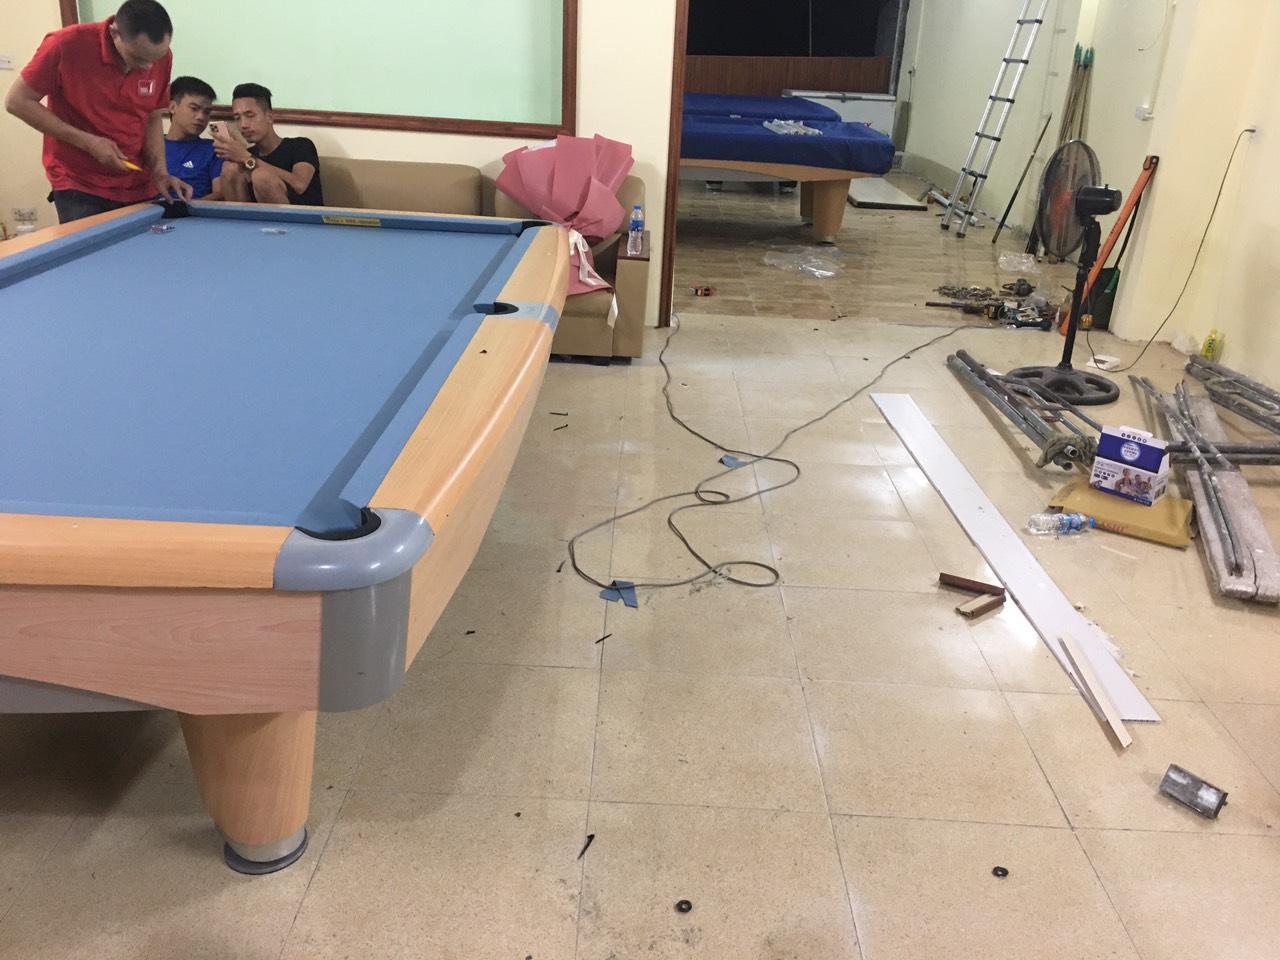 Billiards Hoàn Thúy lắp đặt 2 bàn bi a 9017 aileex nhập lướt tại Kim Bảng, Hà Nam